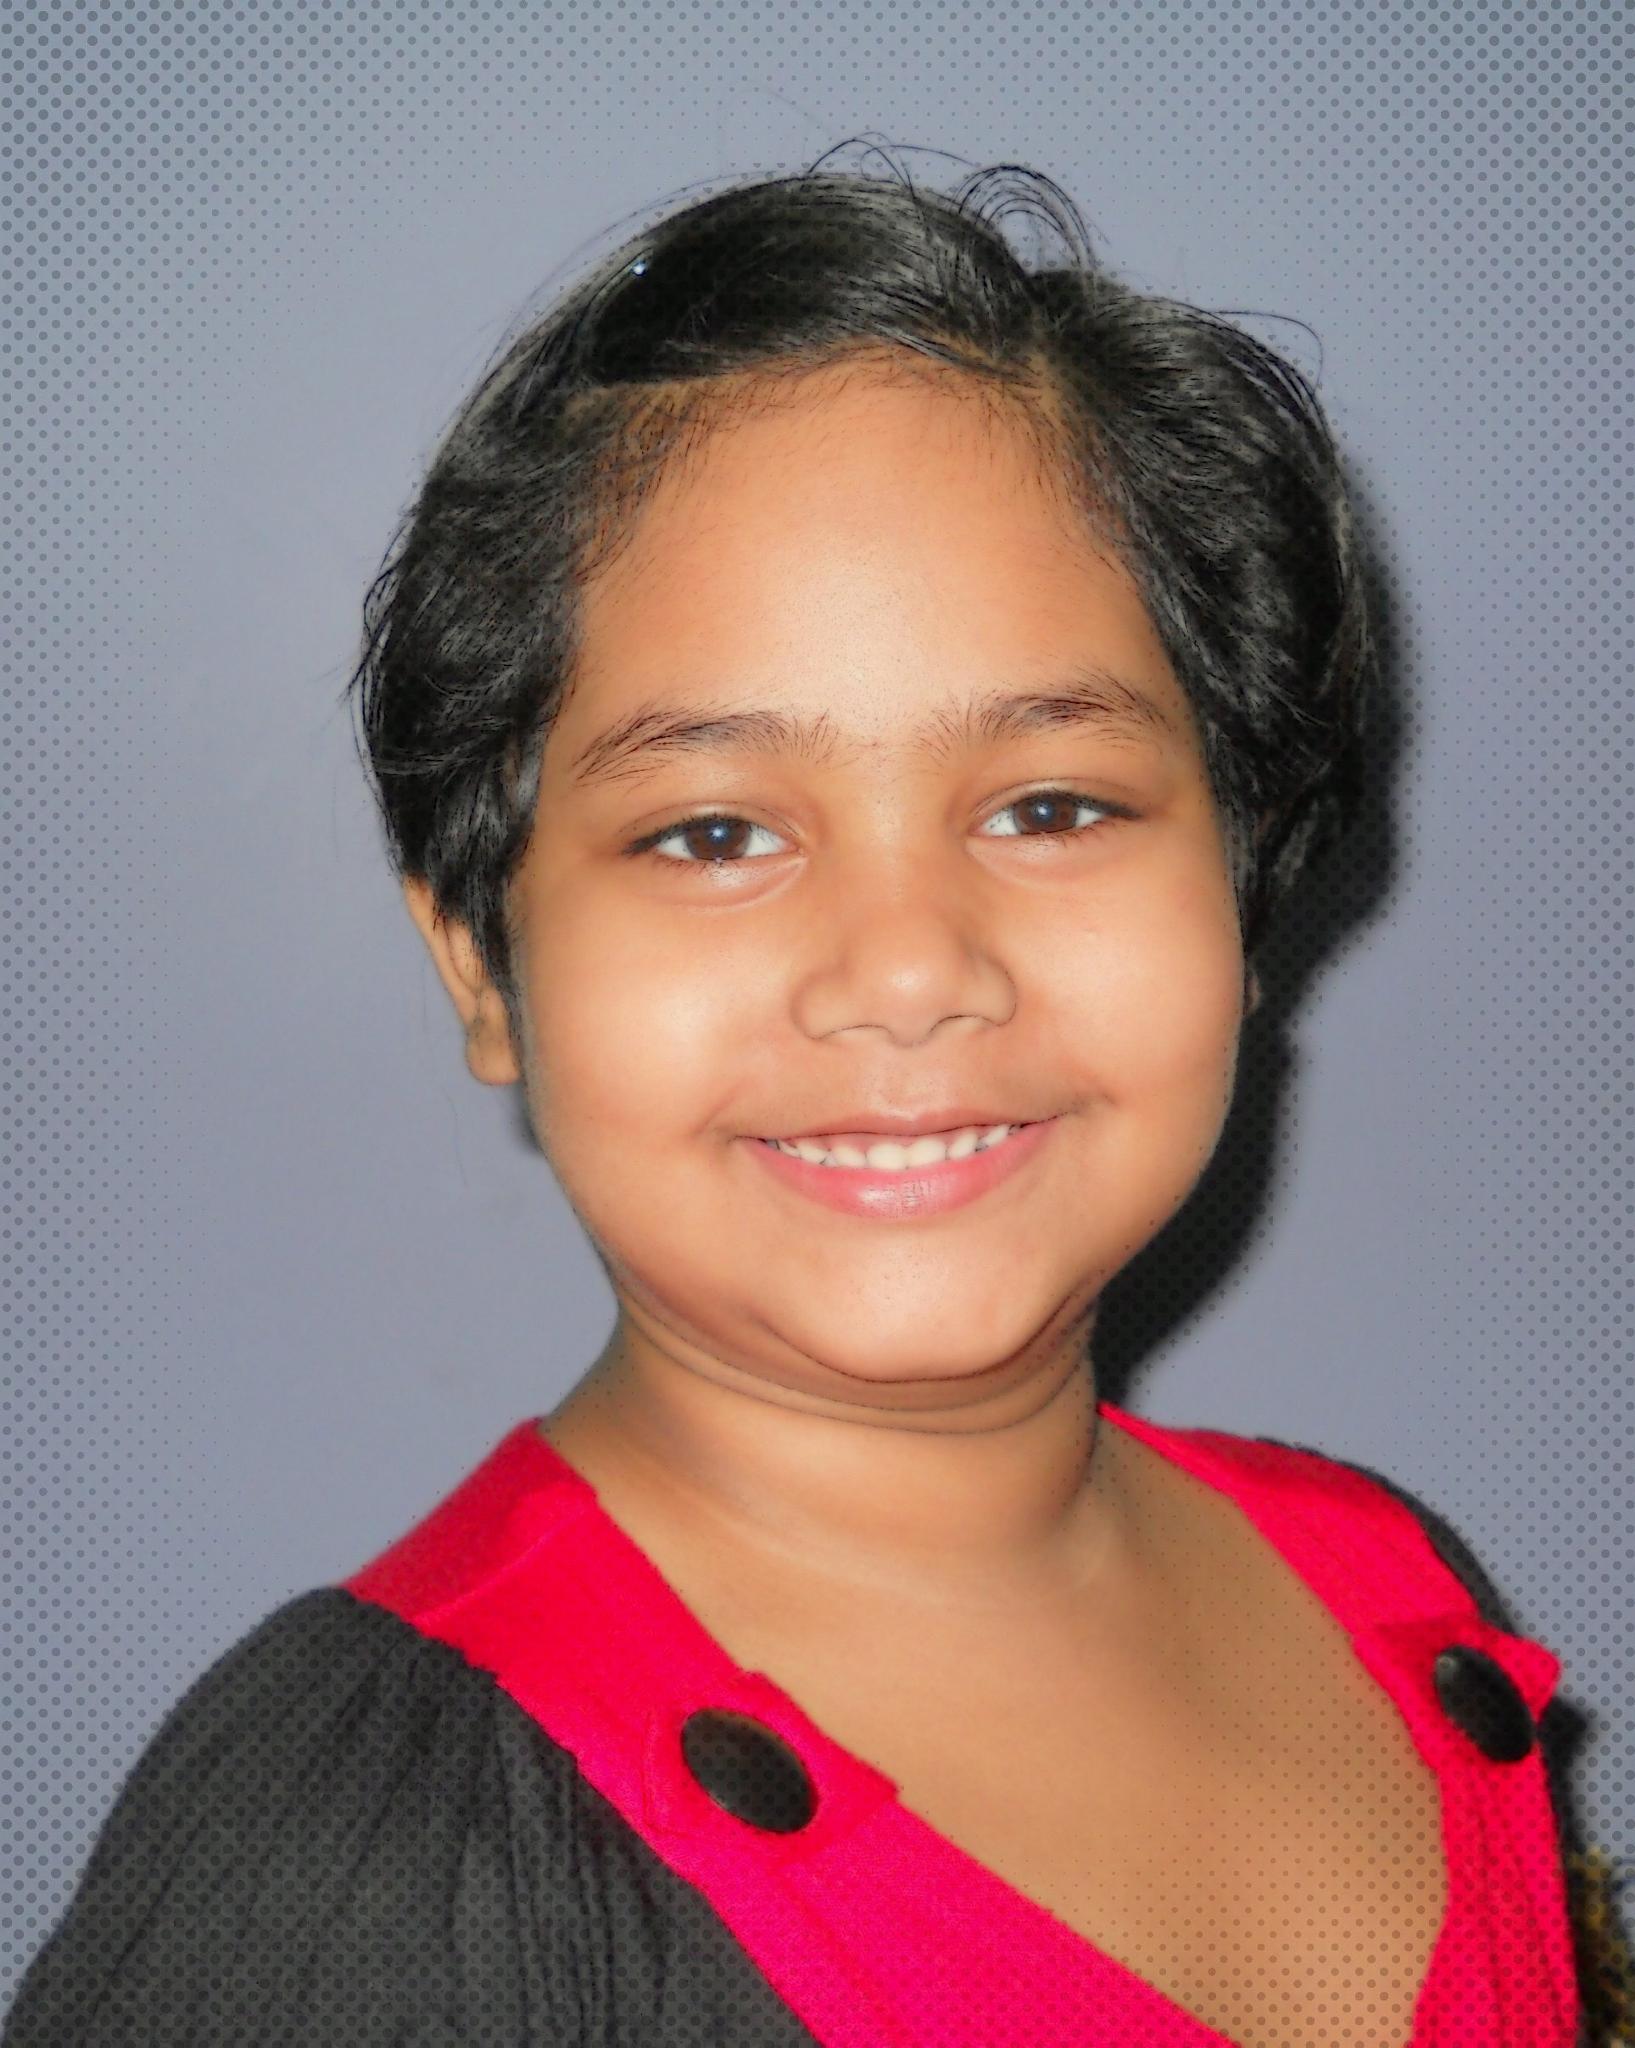 Beautyful child by swapan kumar saha